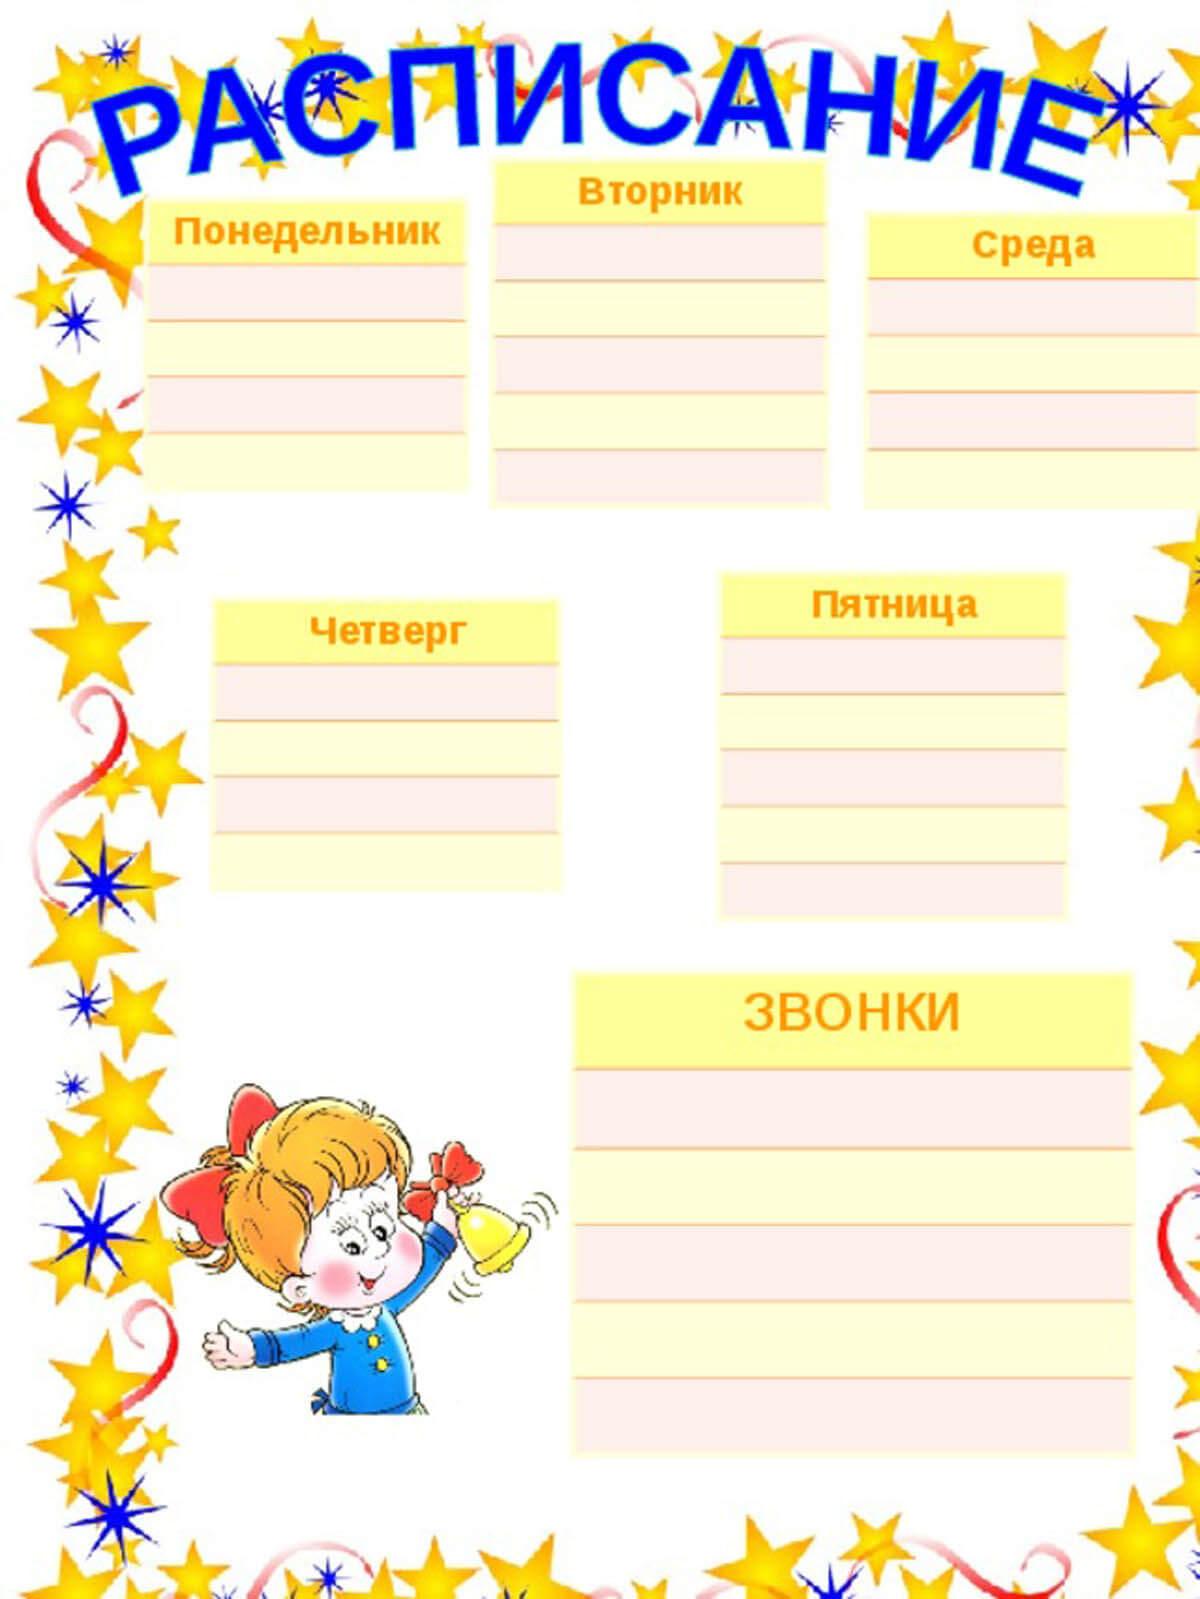 Информация для детей 3 класса на стенд в класс